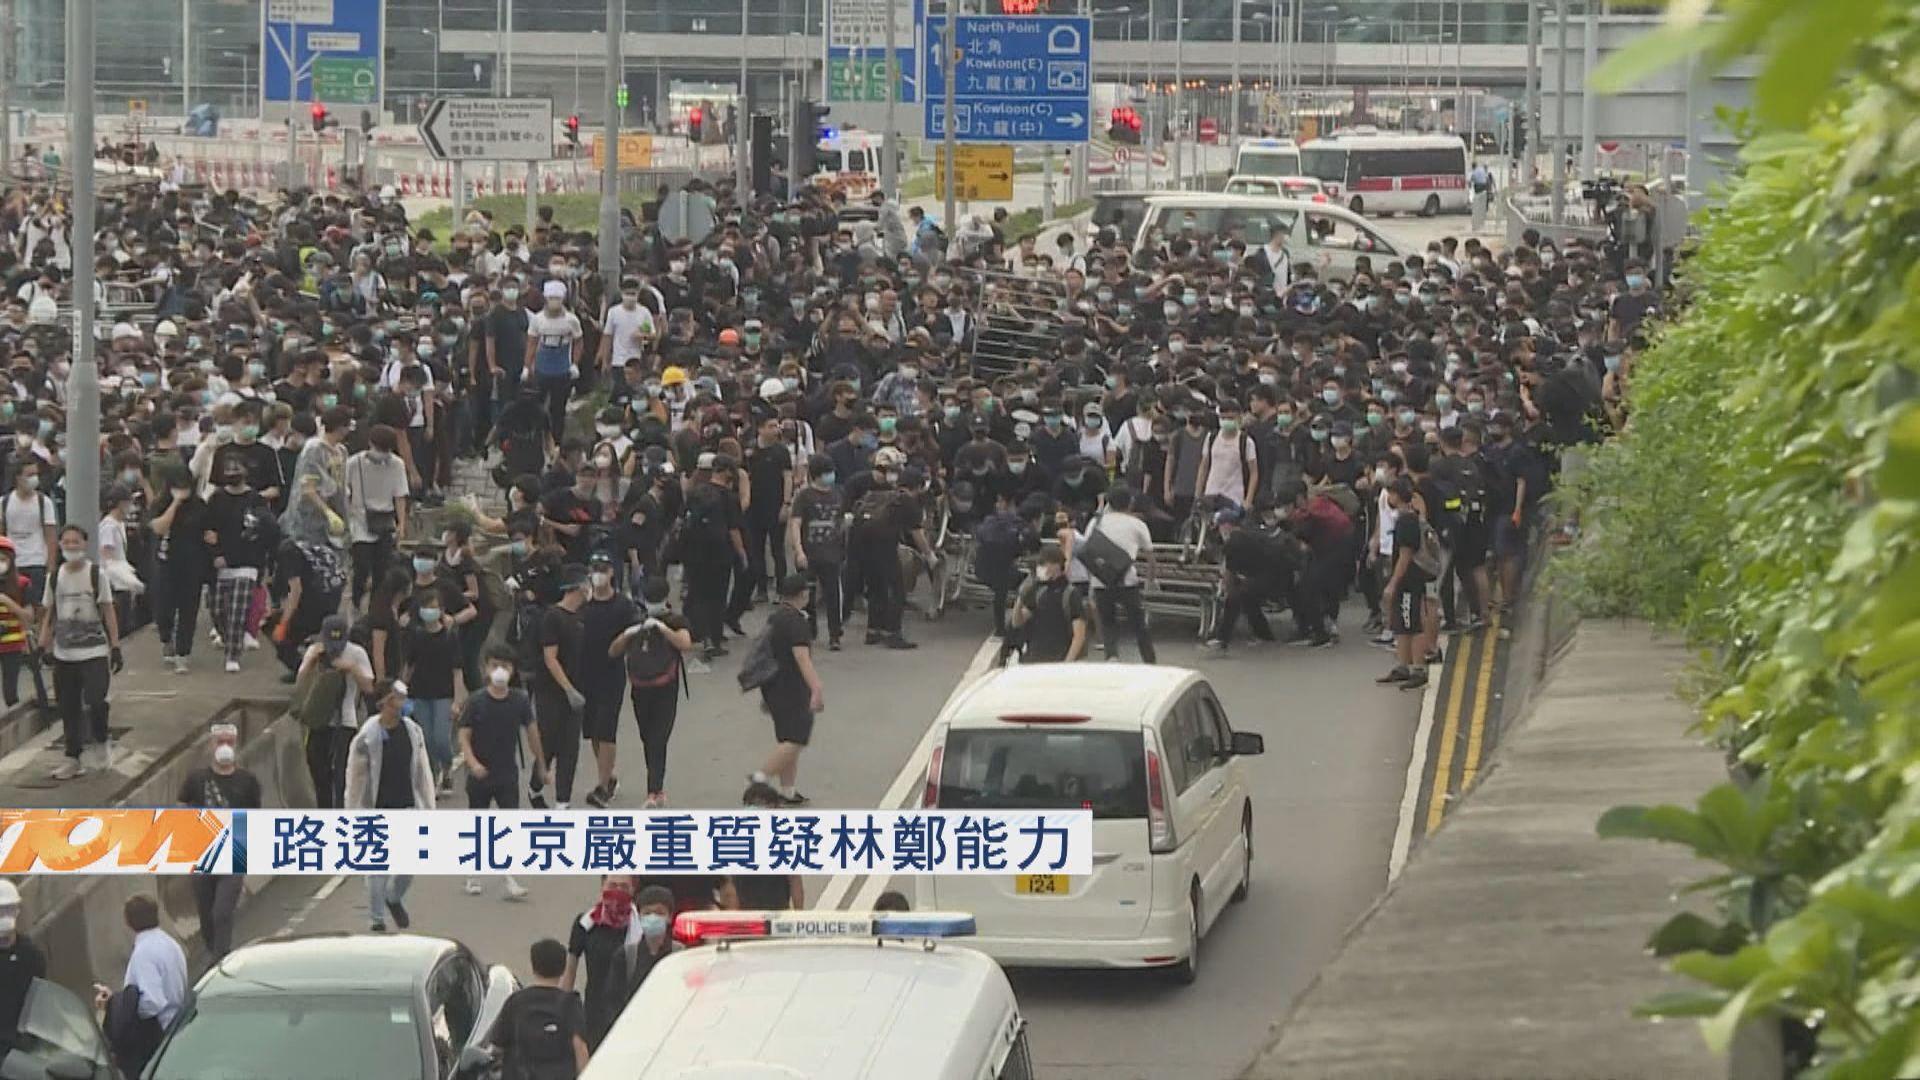 路透社:北京嚴重質疑林鄭月娥能力